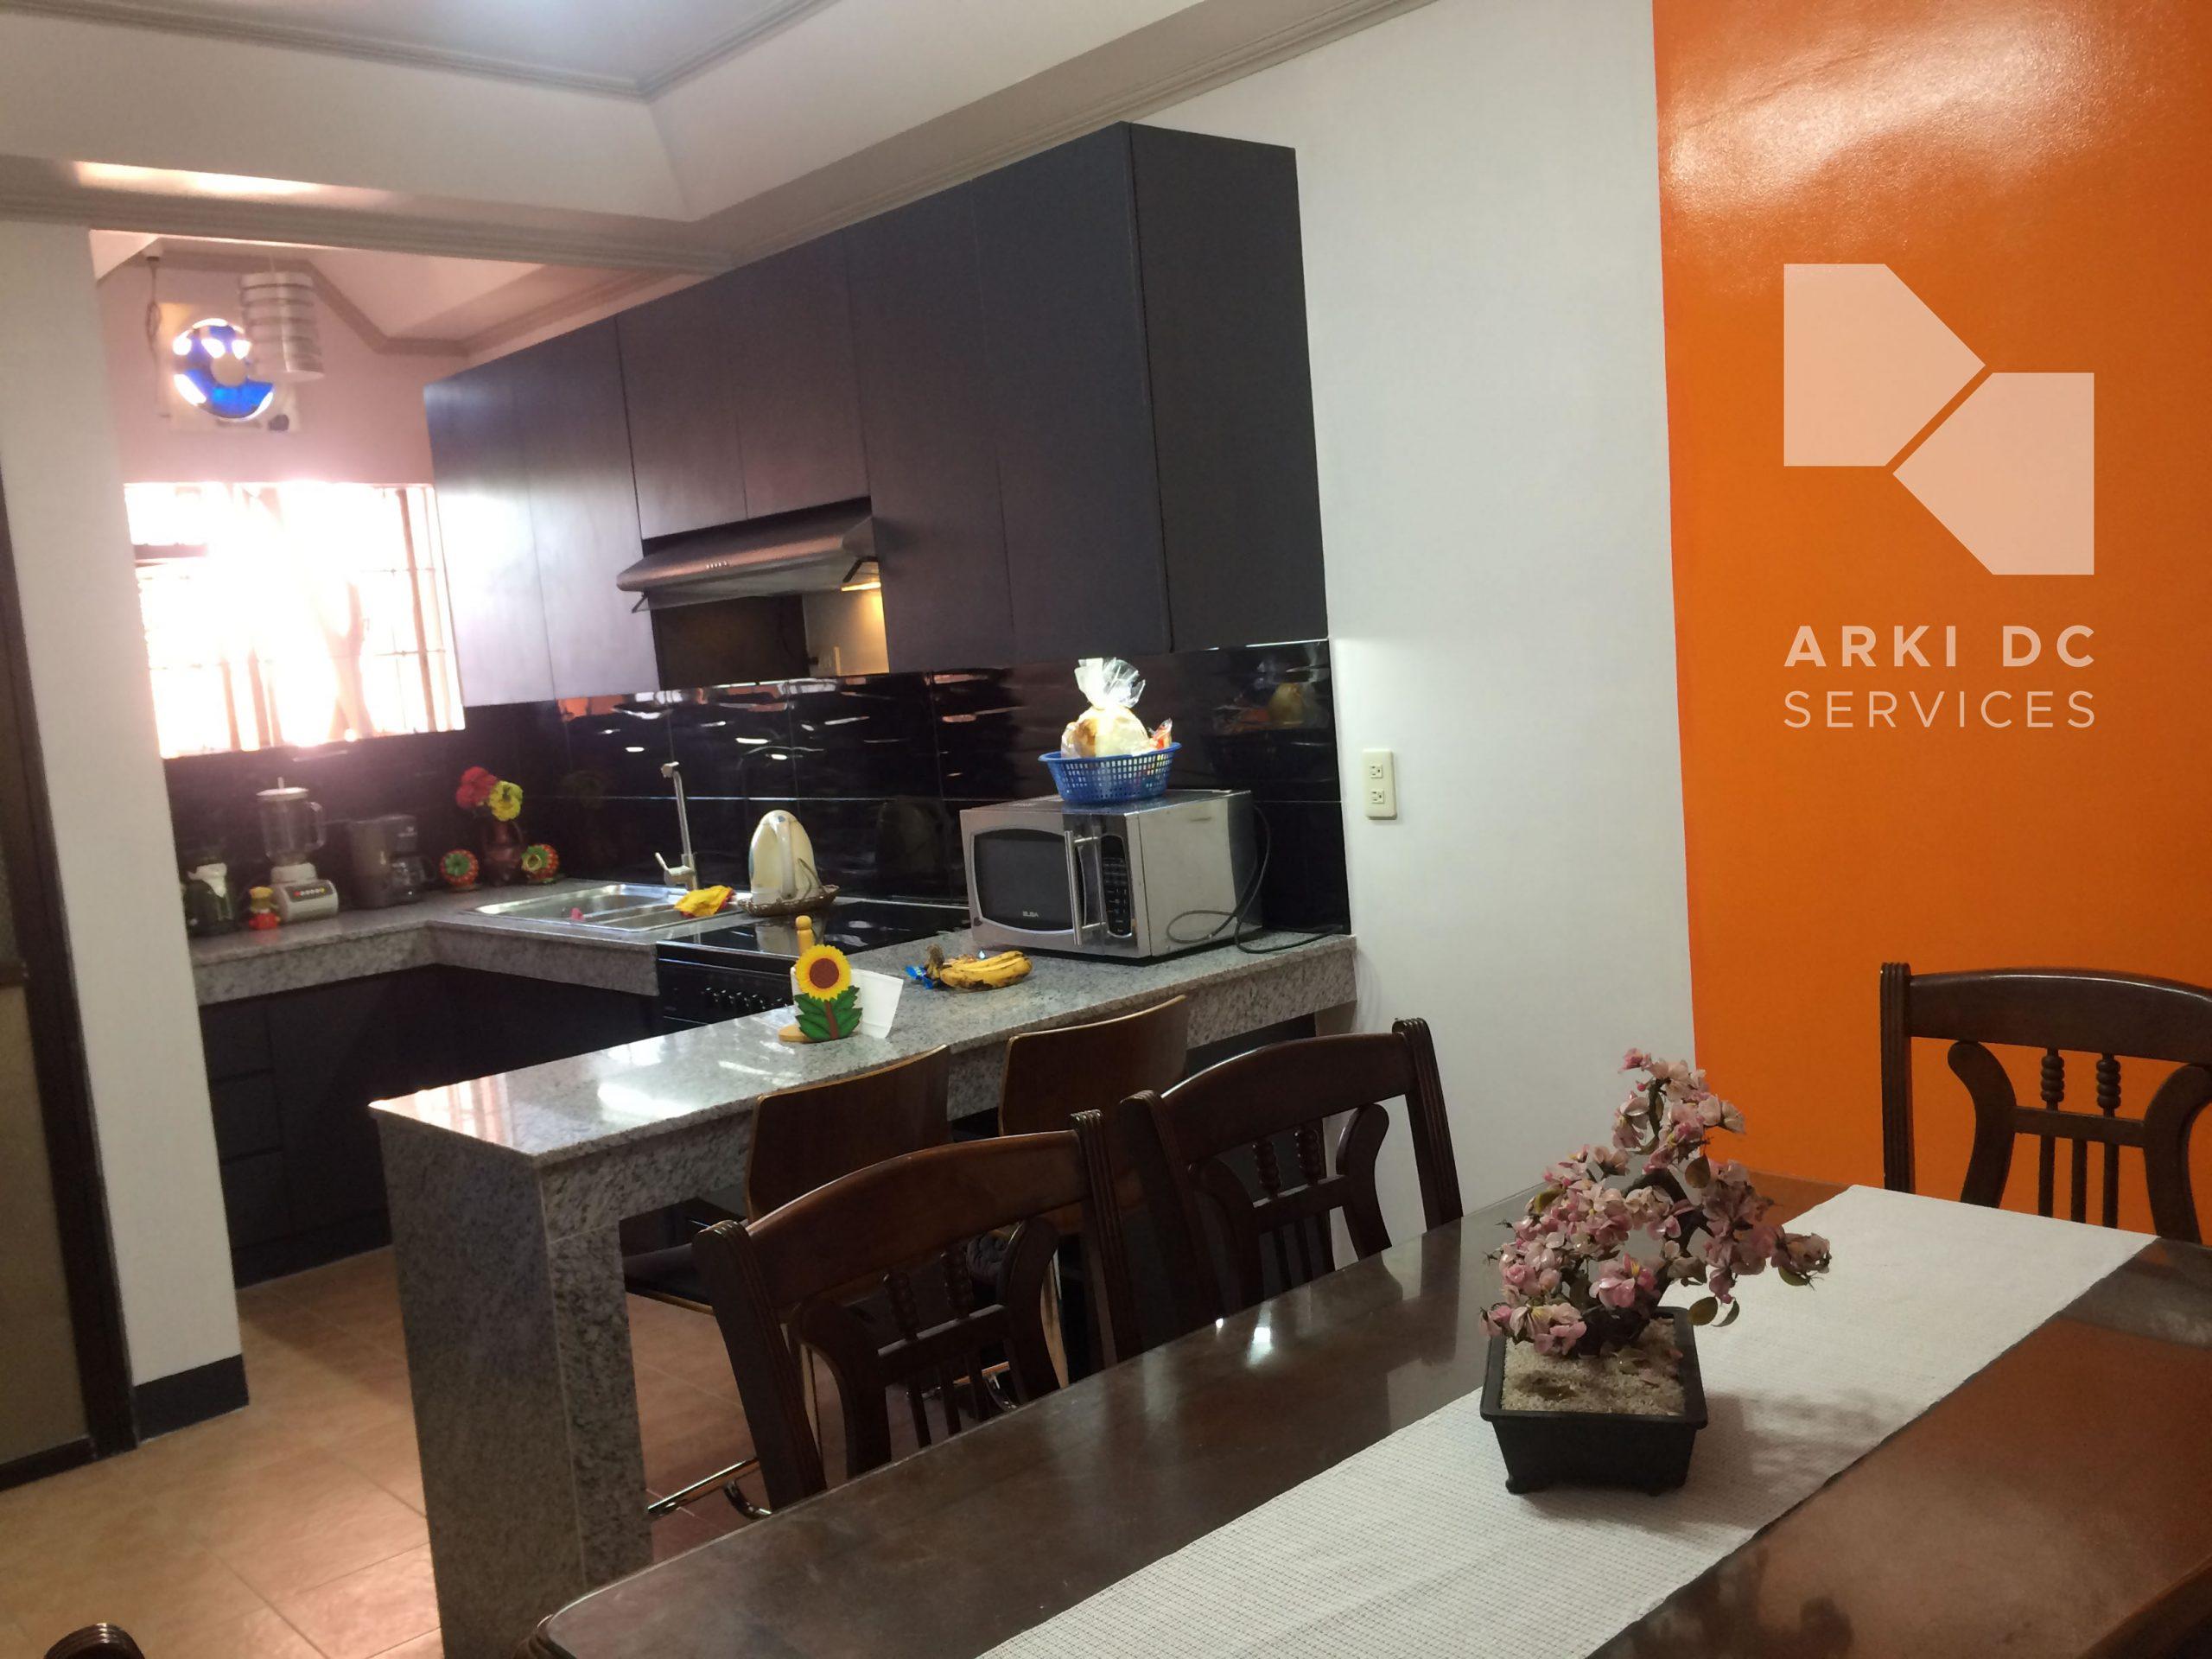 Jaime Caro Kitchen